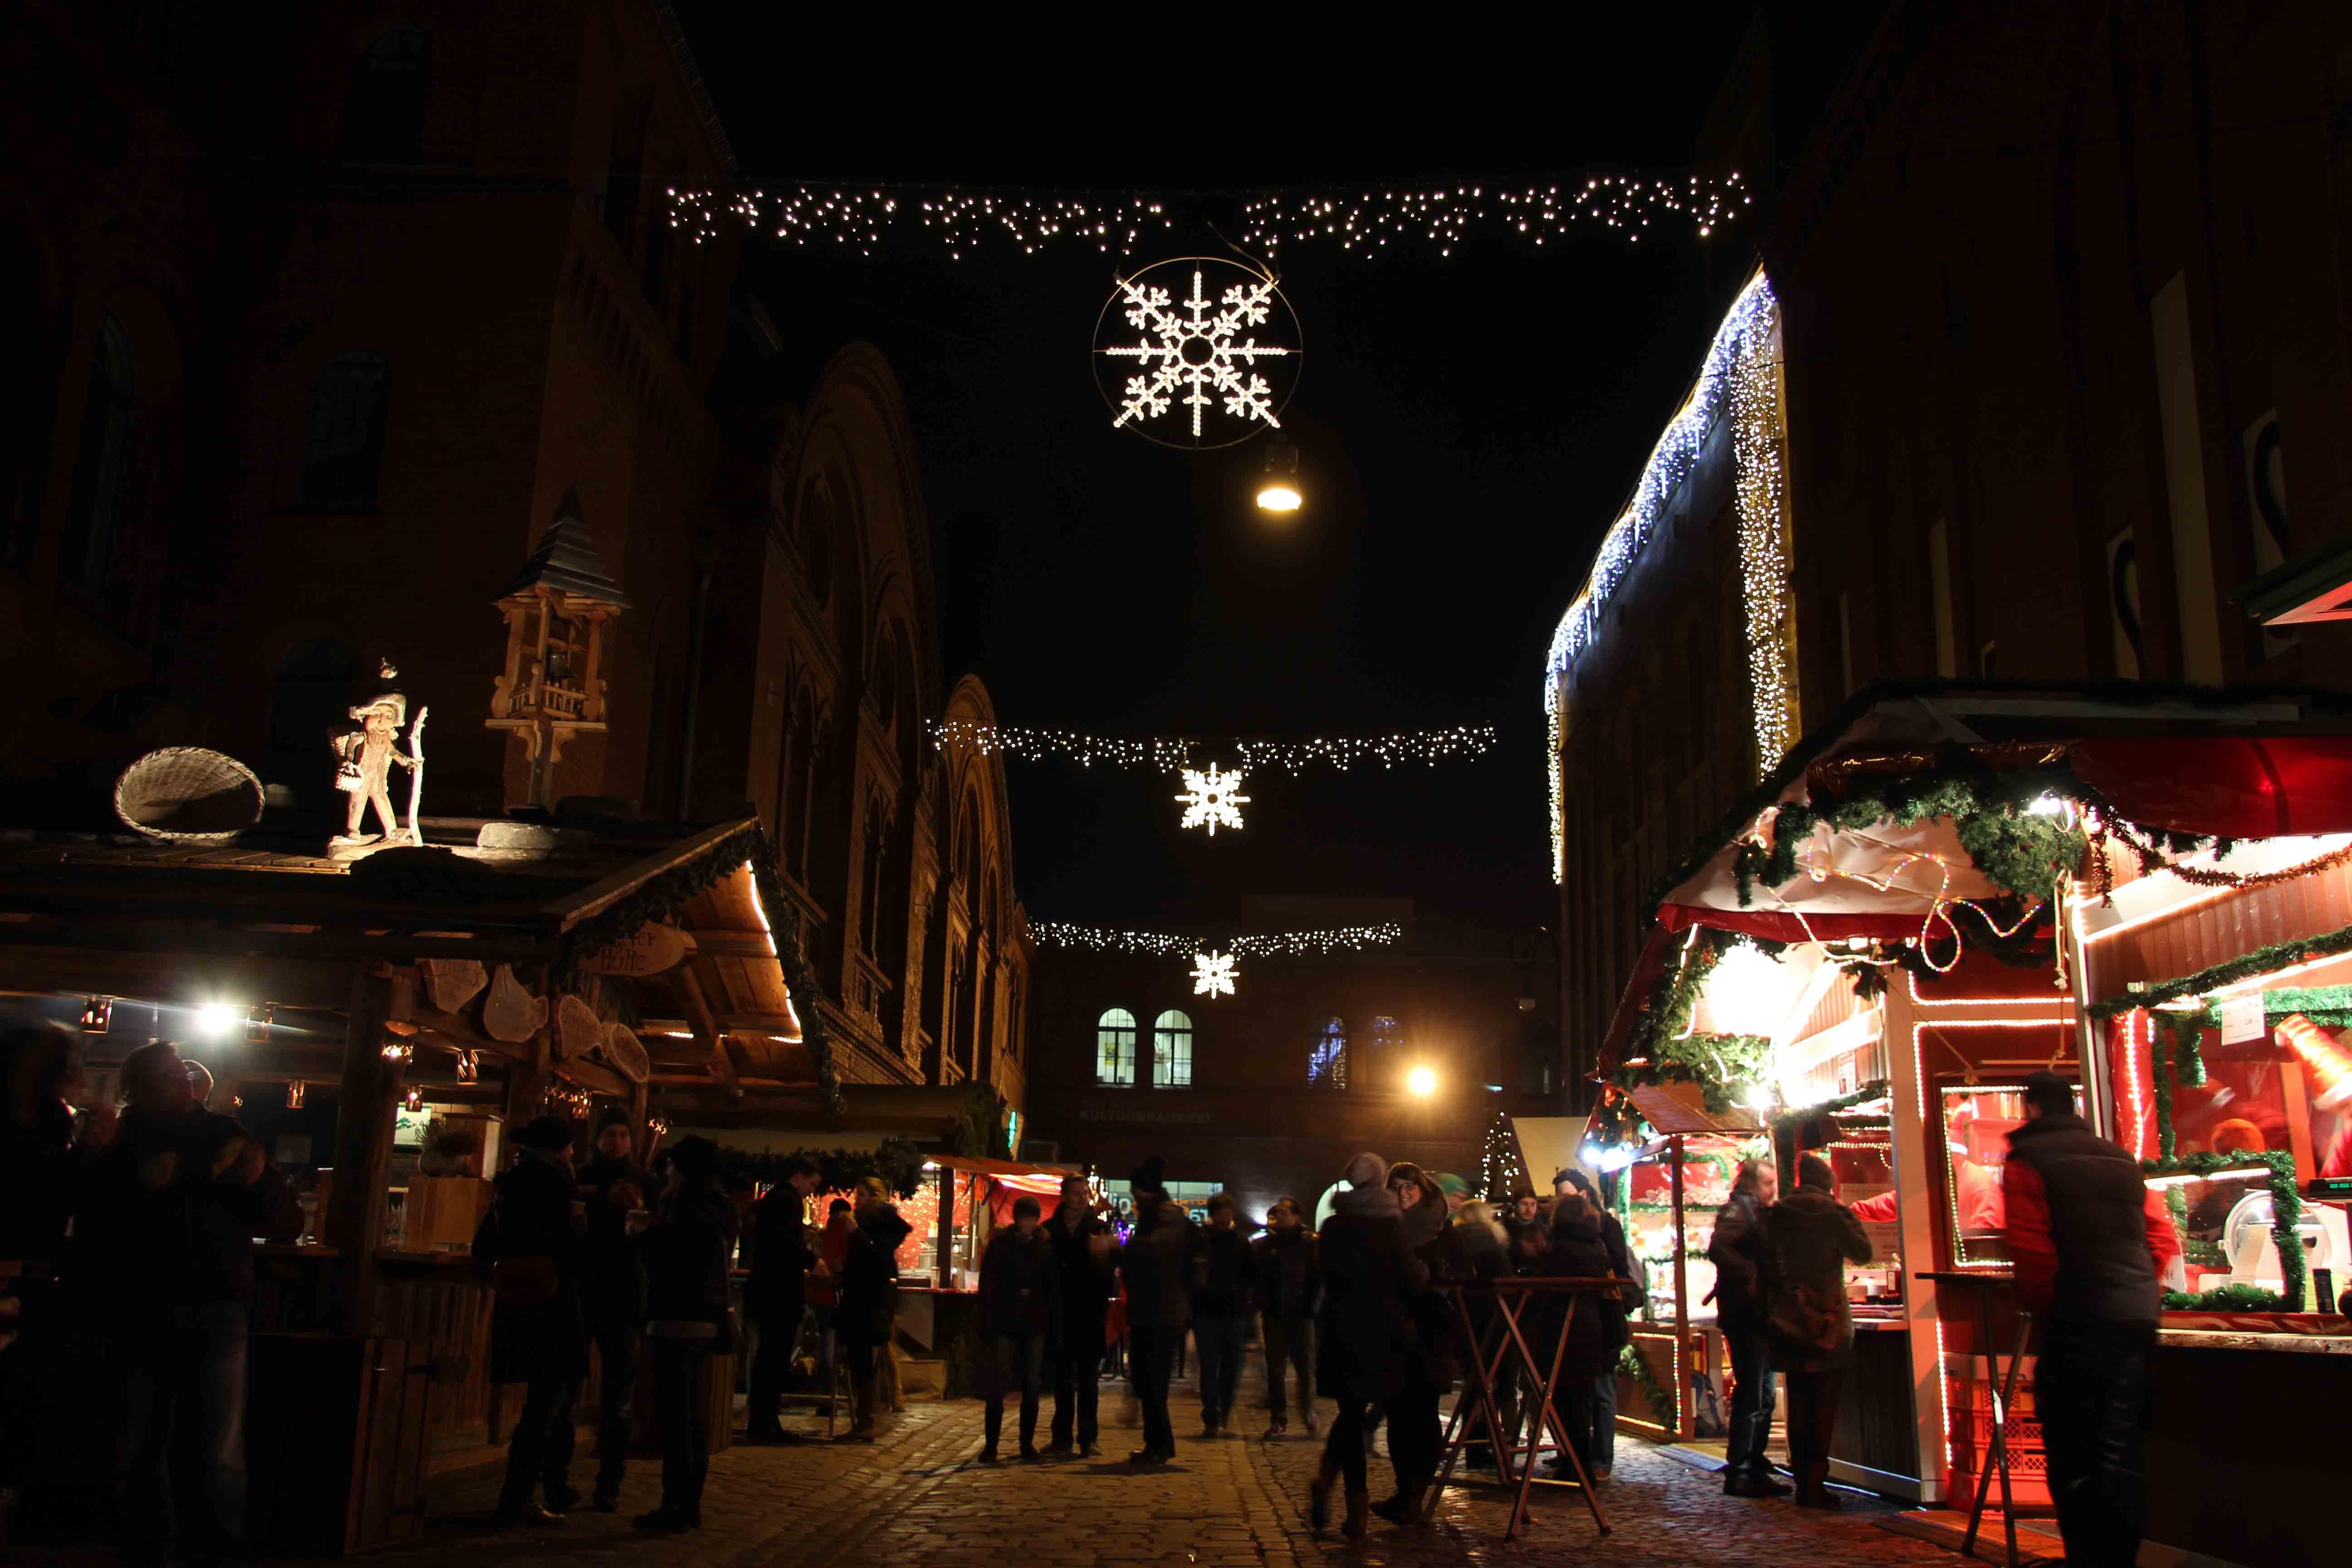 Lucia Weihnachtsmarkt in der Kulturbrauerei - a Christmas Market in Berlin